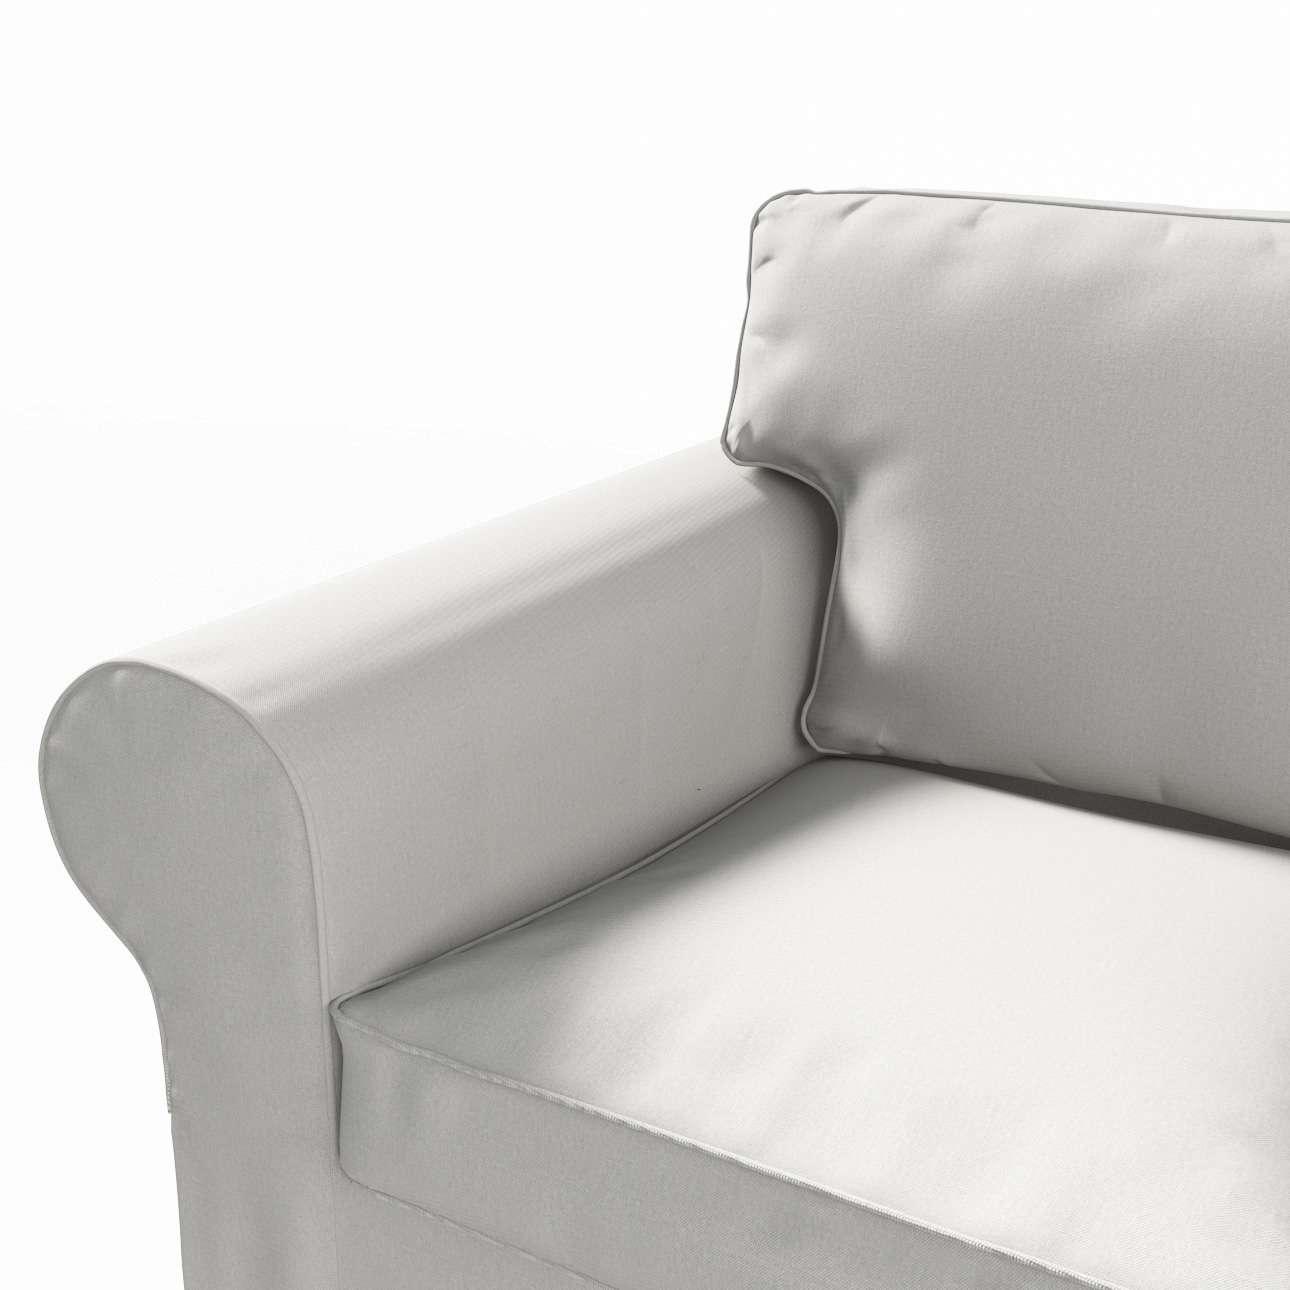 Ektorp 2-Sitzer Schlafsofabezug  NEUES Modell  Sofabezug für  Ektorp 2-Sitzer ausklappbar, neues Modell von der Kollektion Etna, Stoff: 705-90